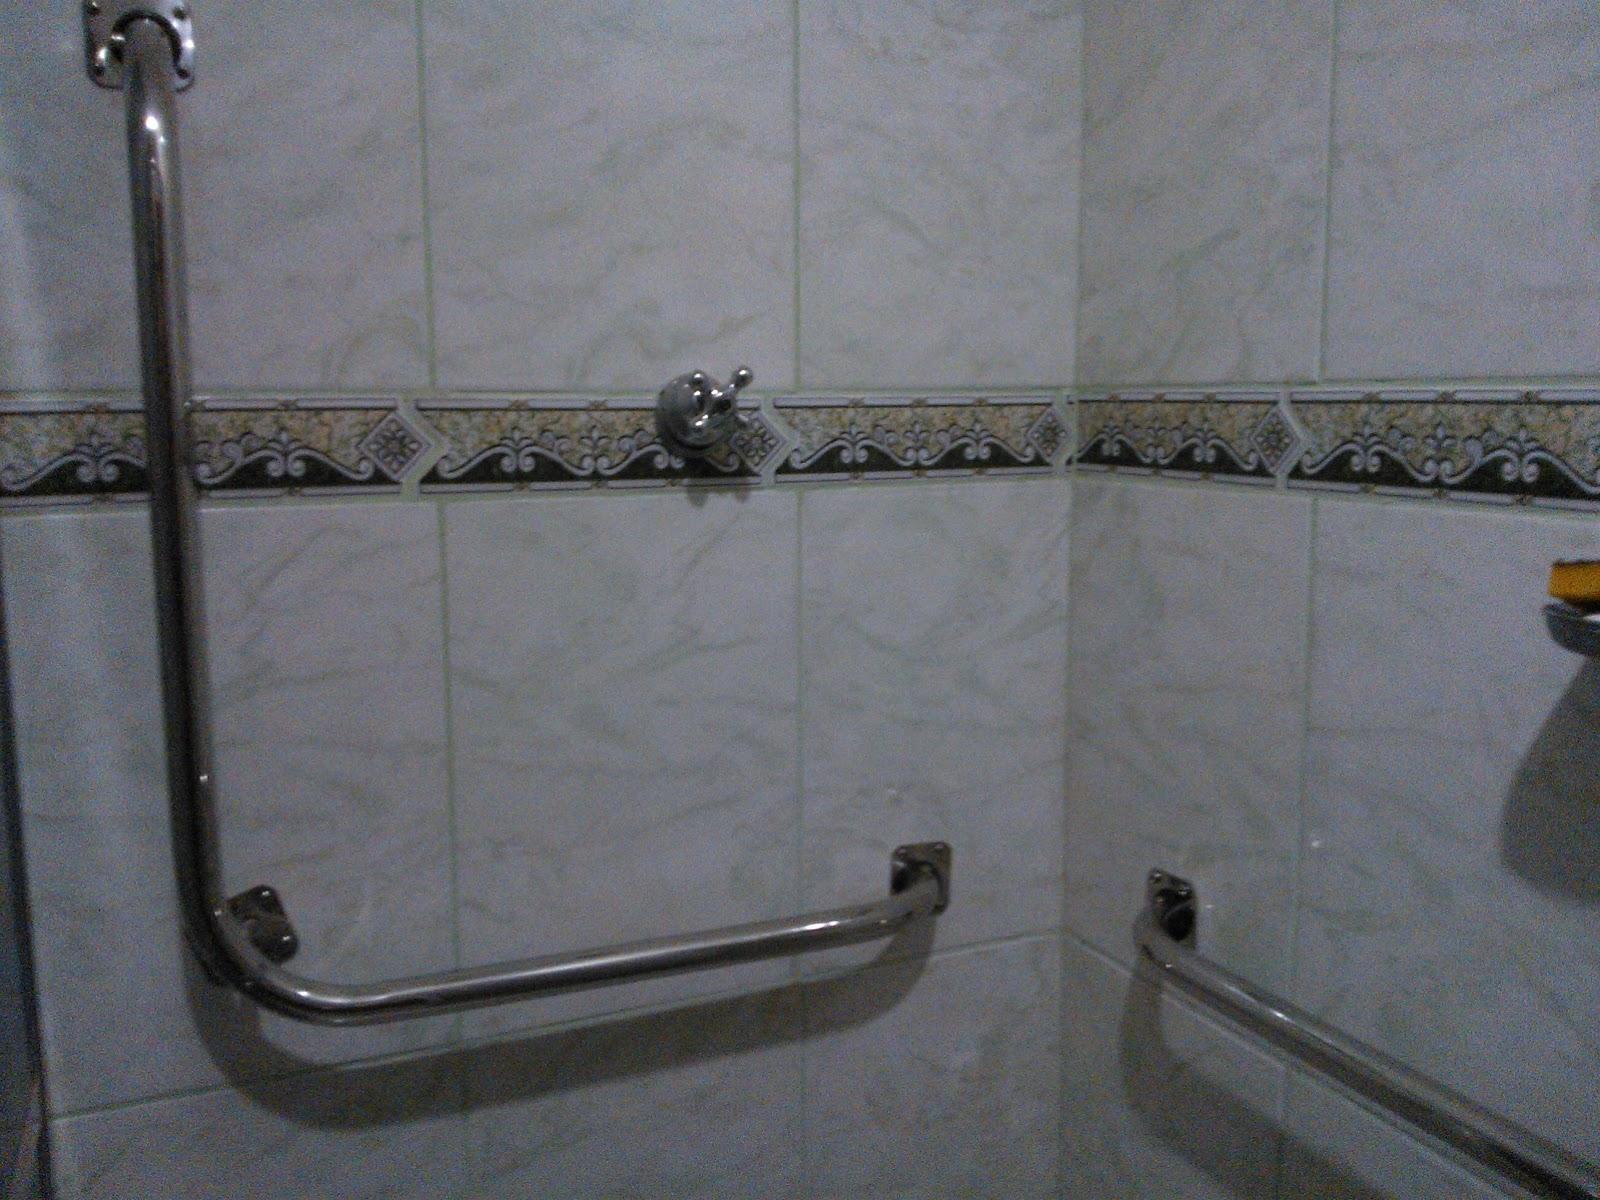 Imagens de #5B5144 Adaptação de banheiro para idoso executado em Março 2013 barras  1600x1200 px 3574 Barras Banheiro Idosos